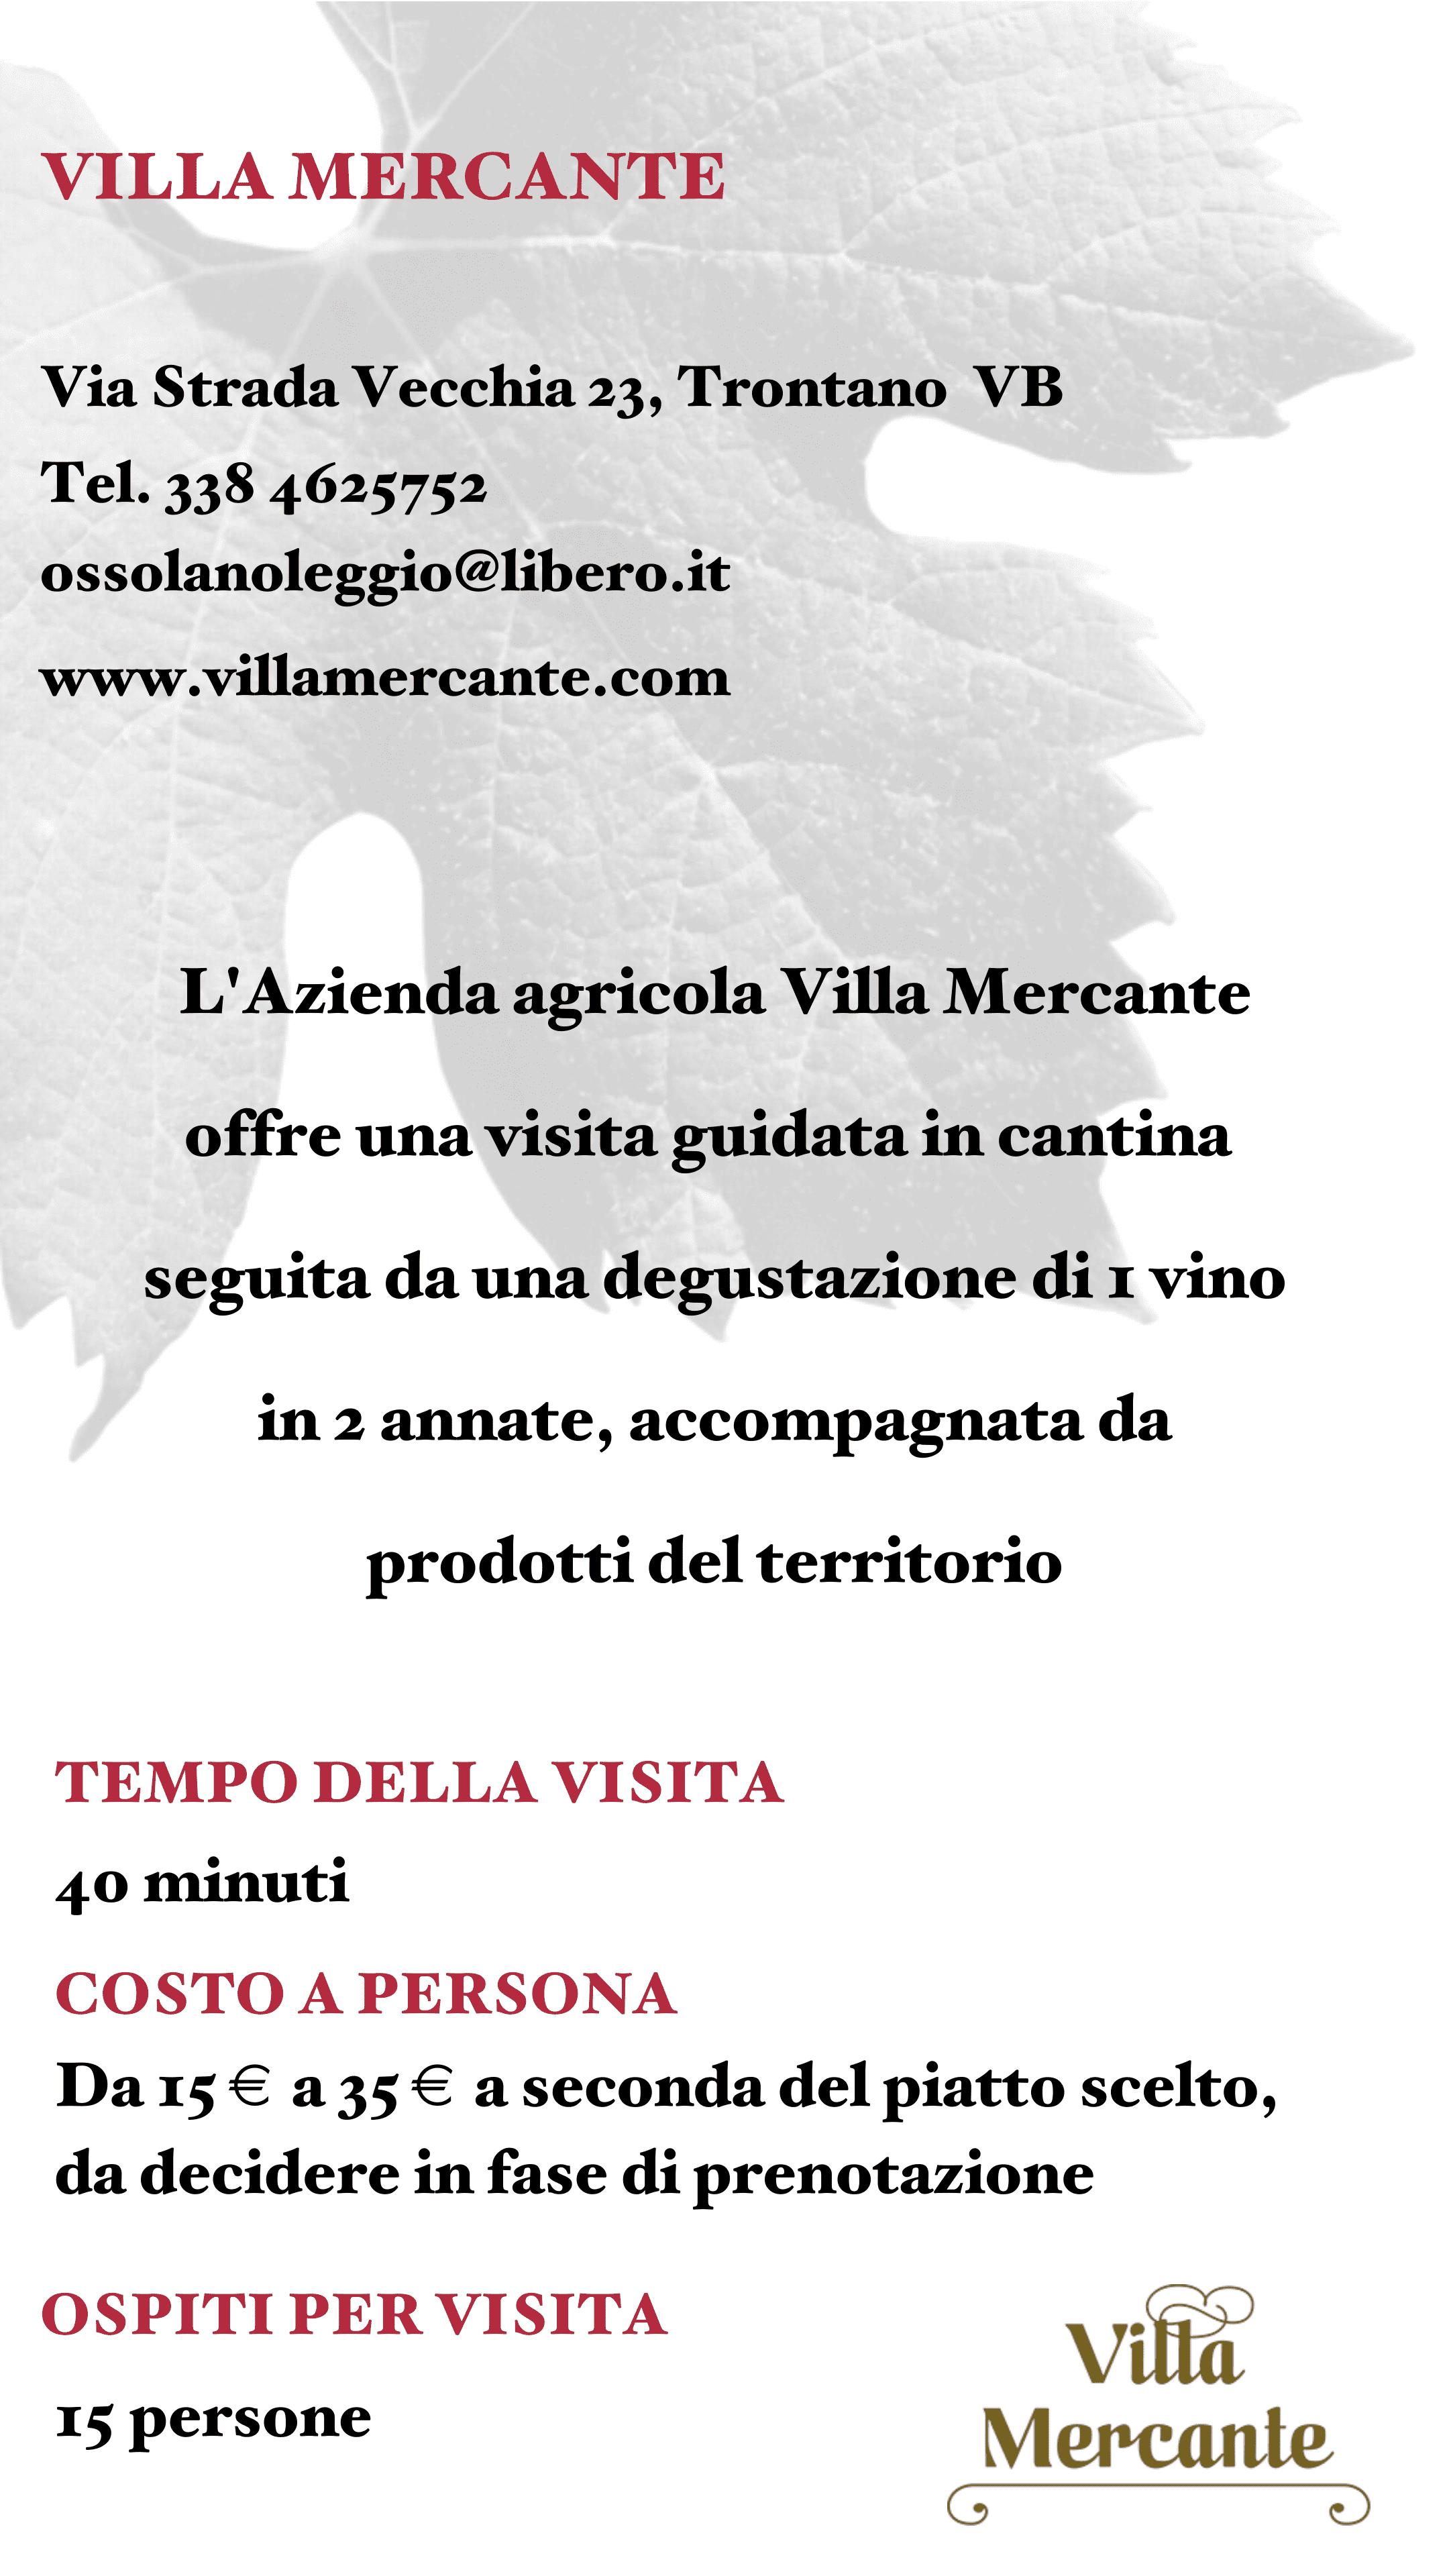 Villa Mercante